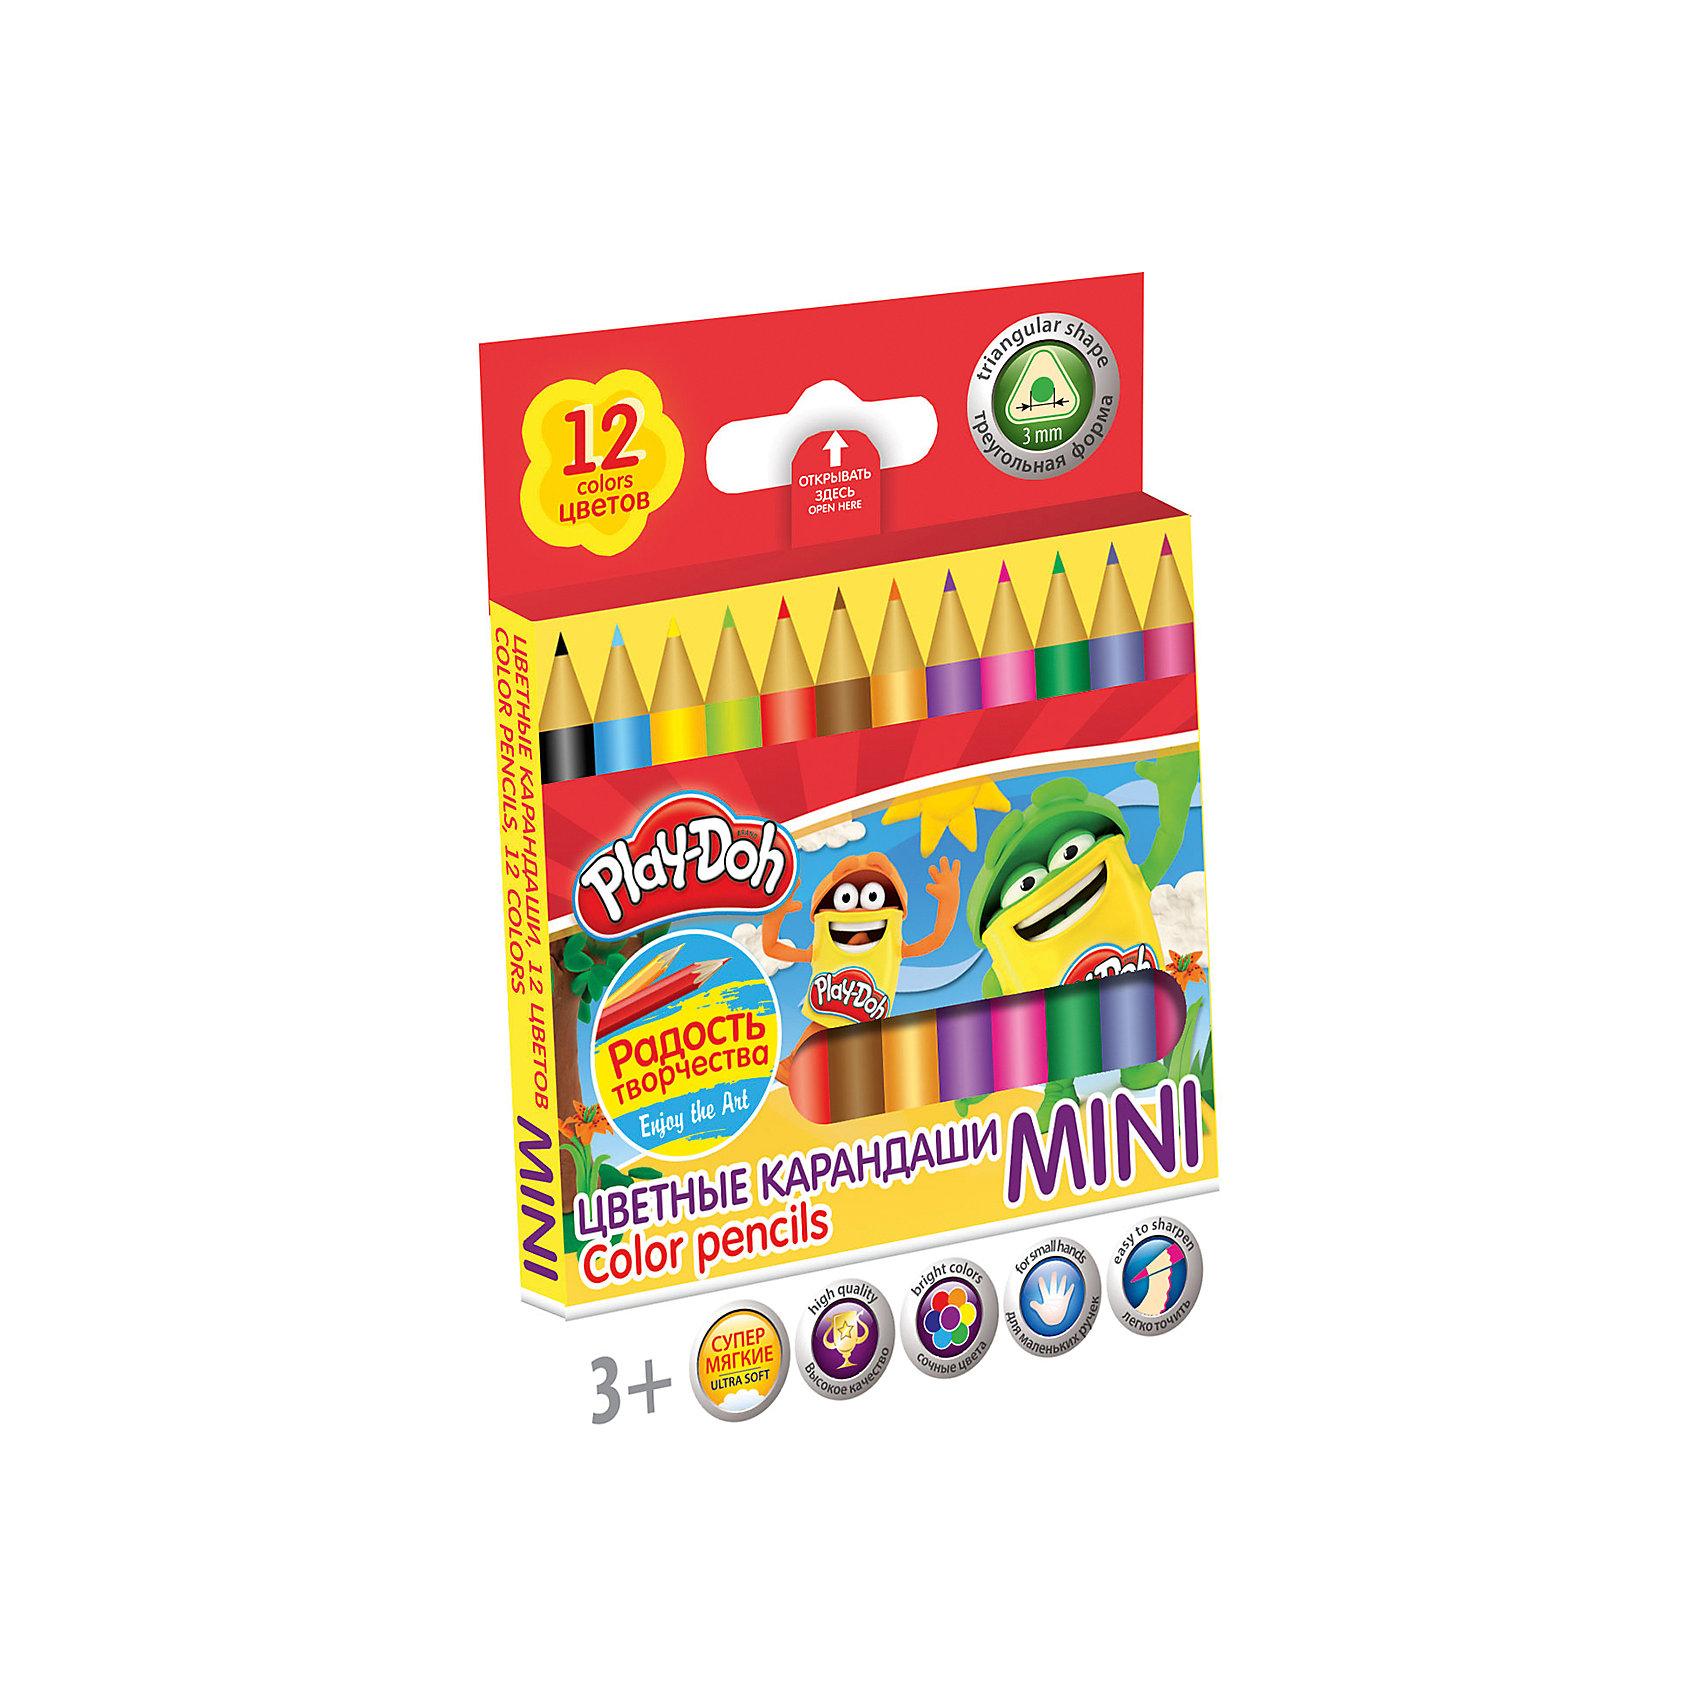 Академия групп Цветные карандаши Mini 12 цветов, Play-Doh